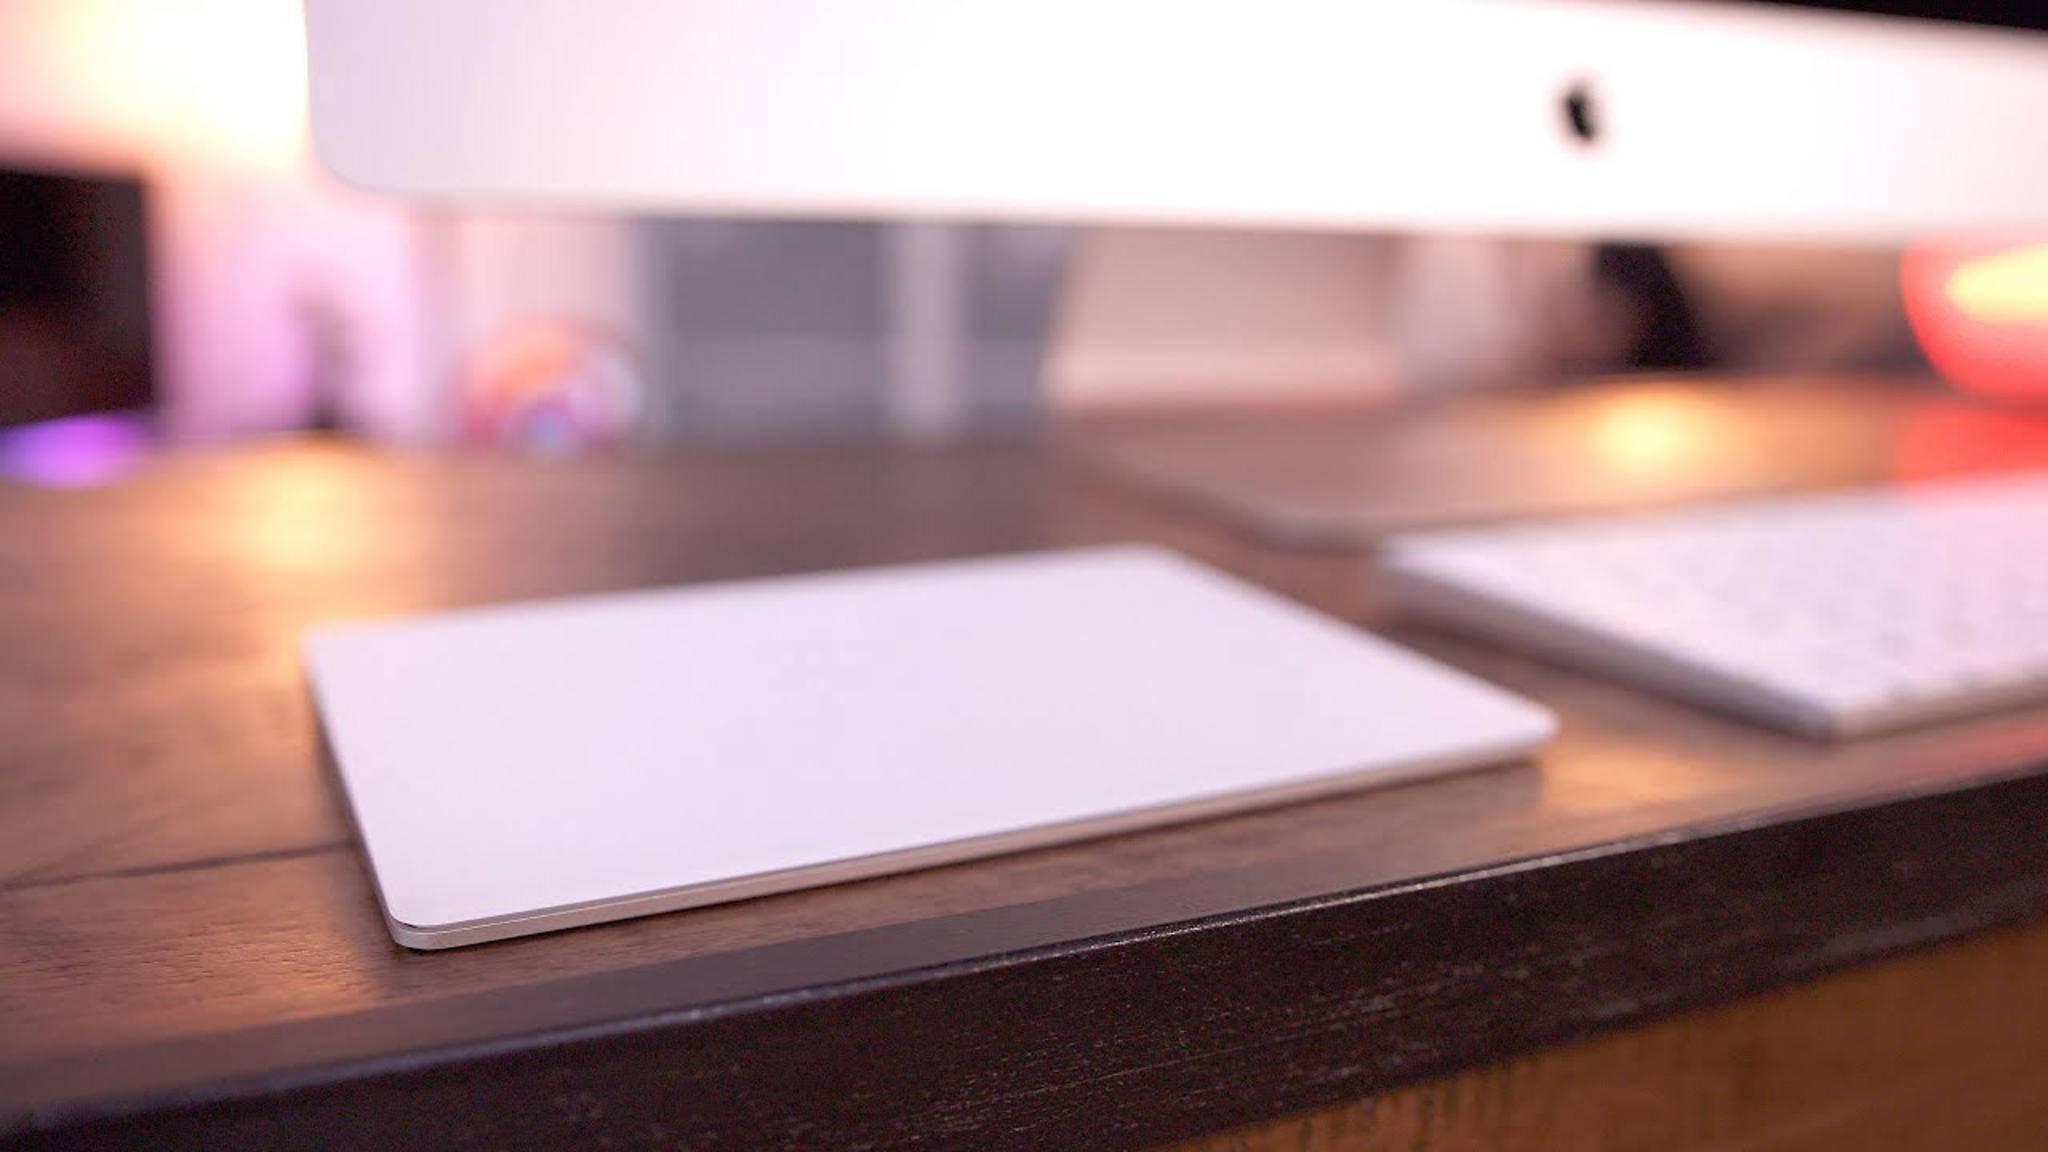 Trackpad oder lieber Magic Mouse? Beide Eingabegeräte haben ihre Vor- und Nachteile.